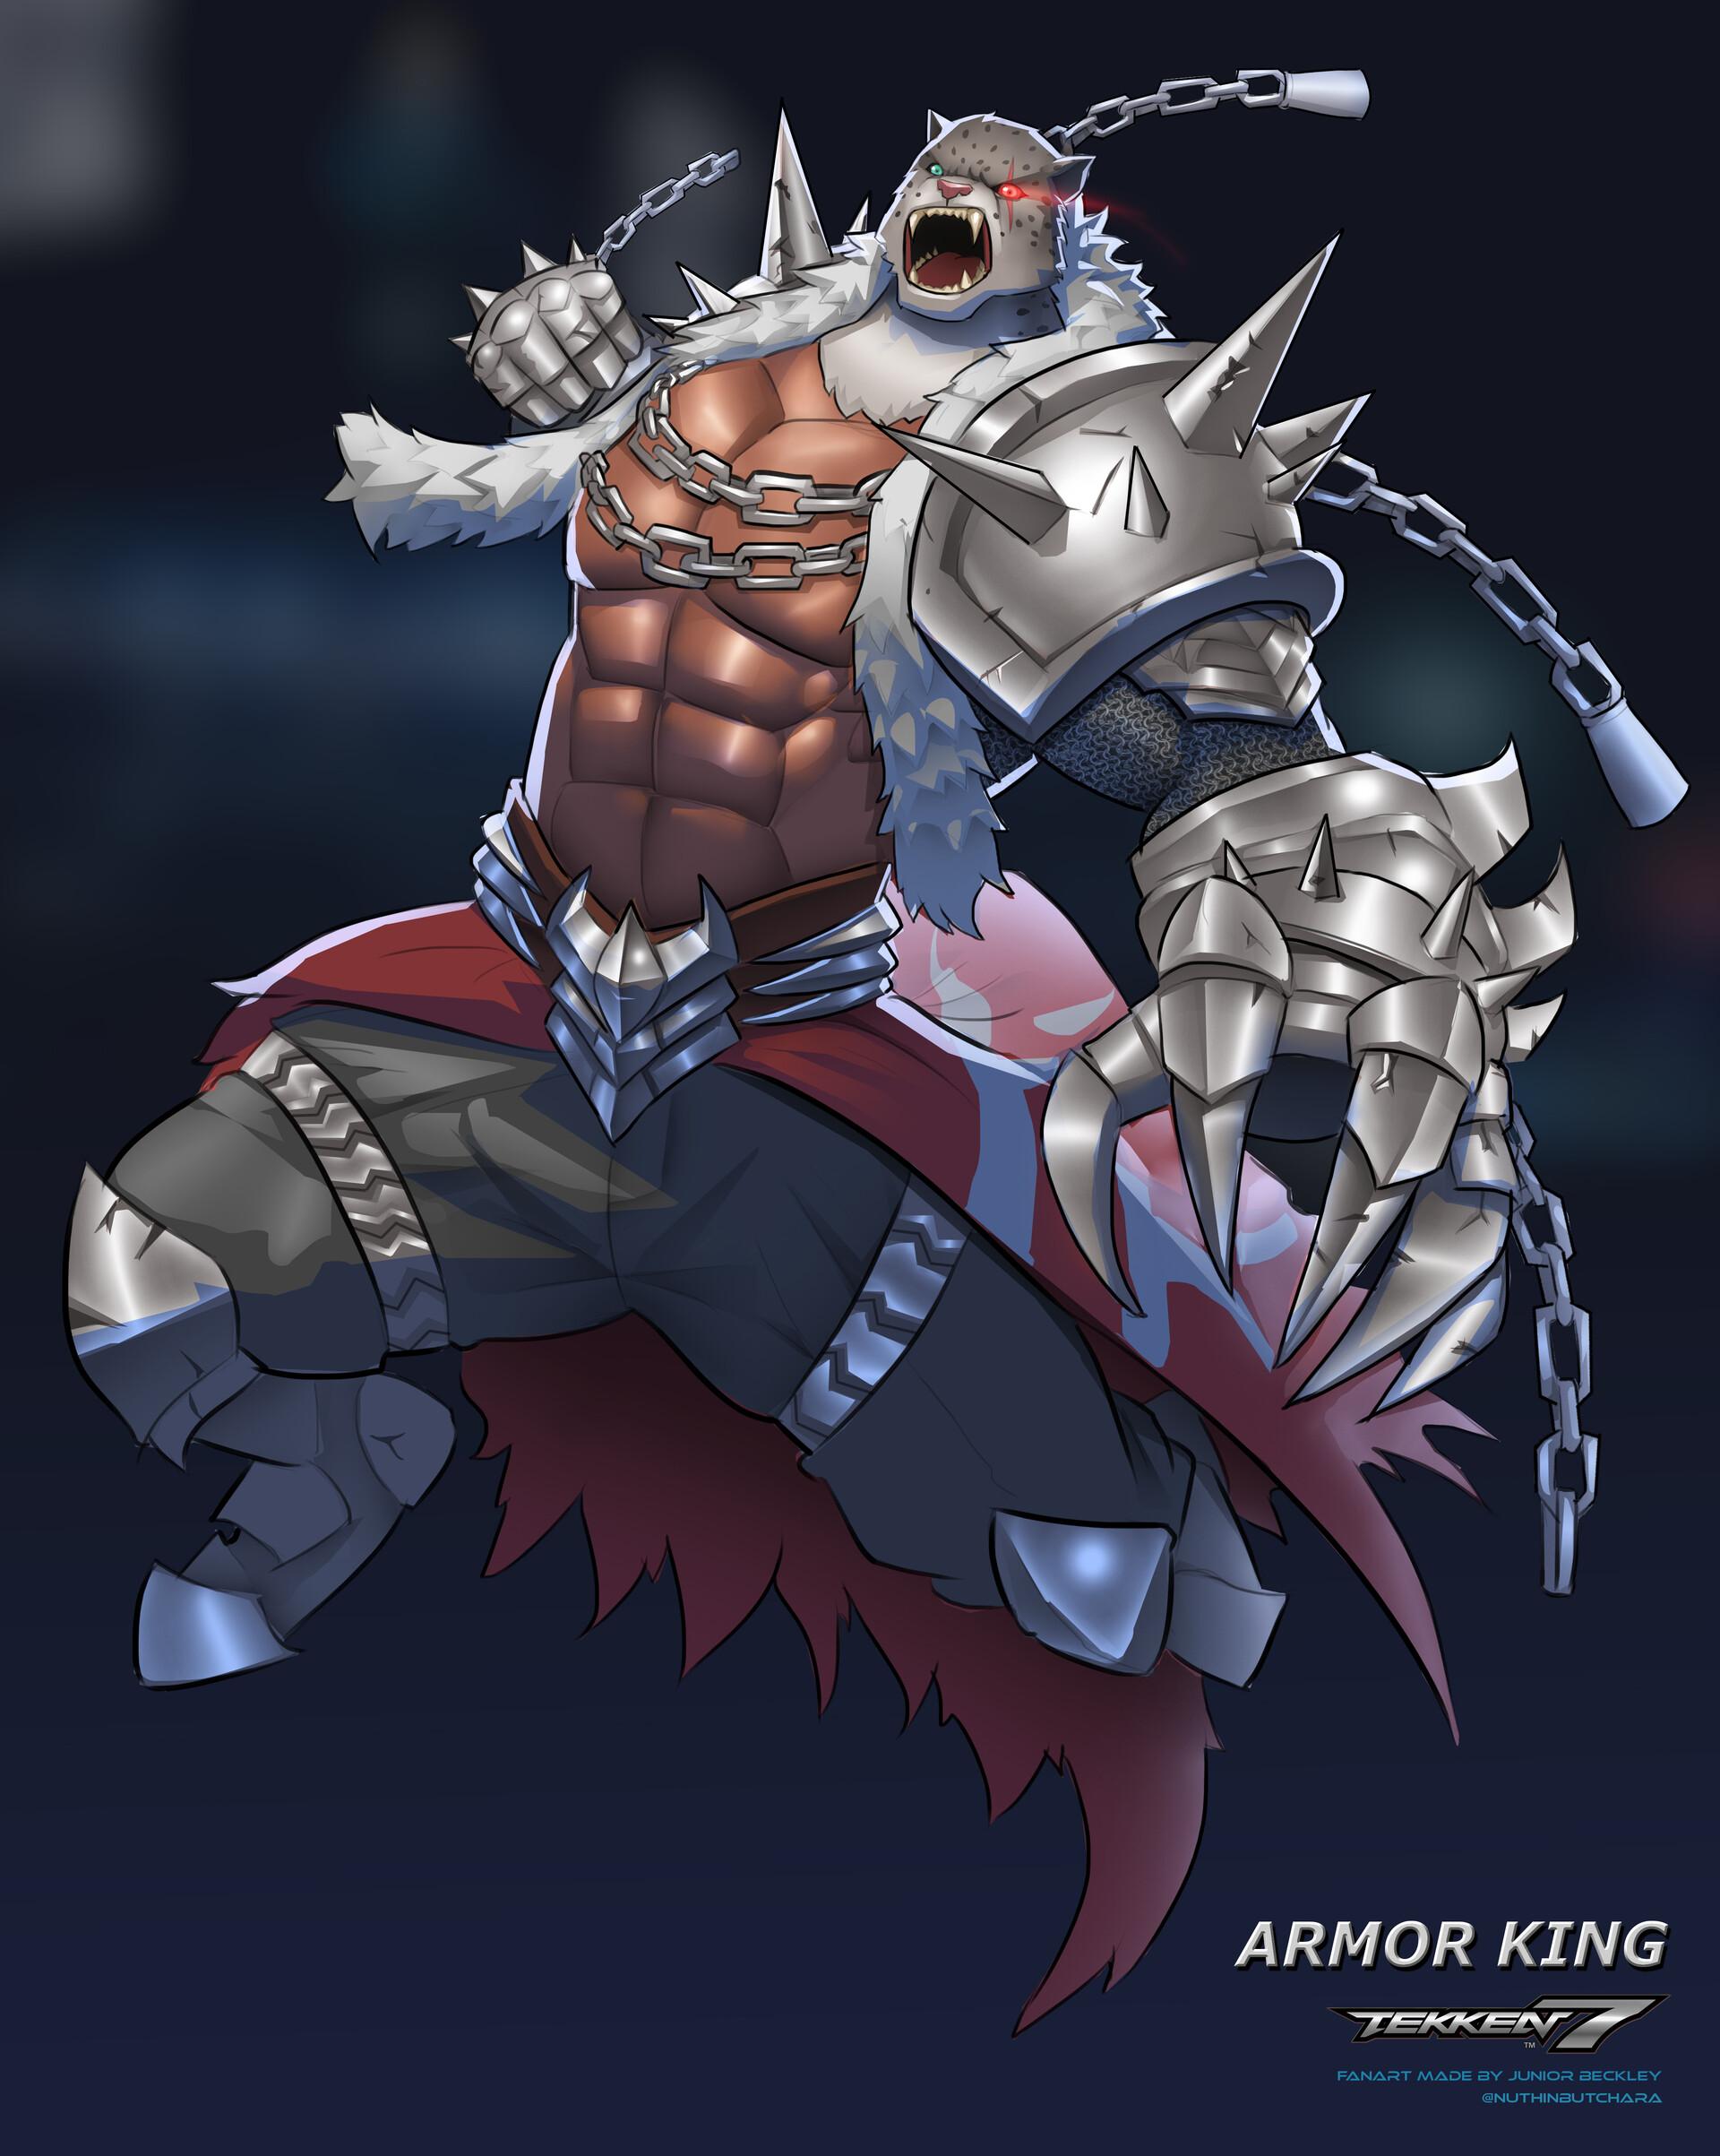 Artstation Tekken 7 Armor King Fanart Junior Beckley